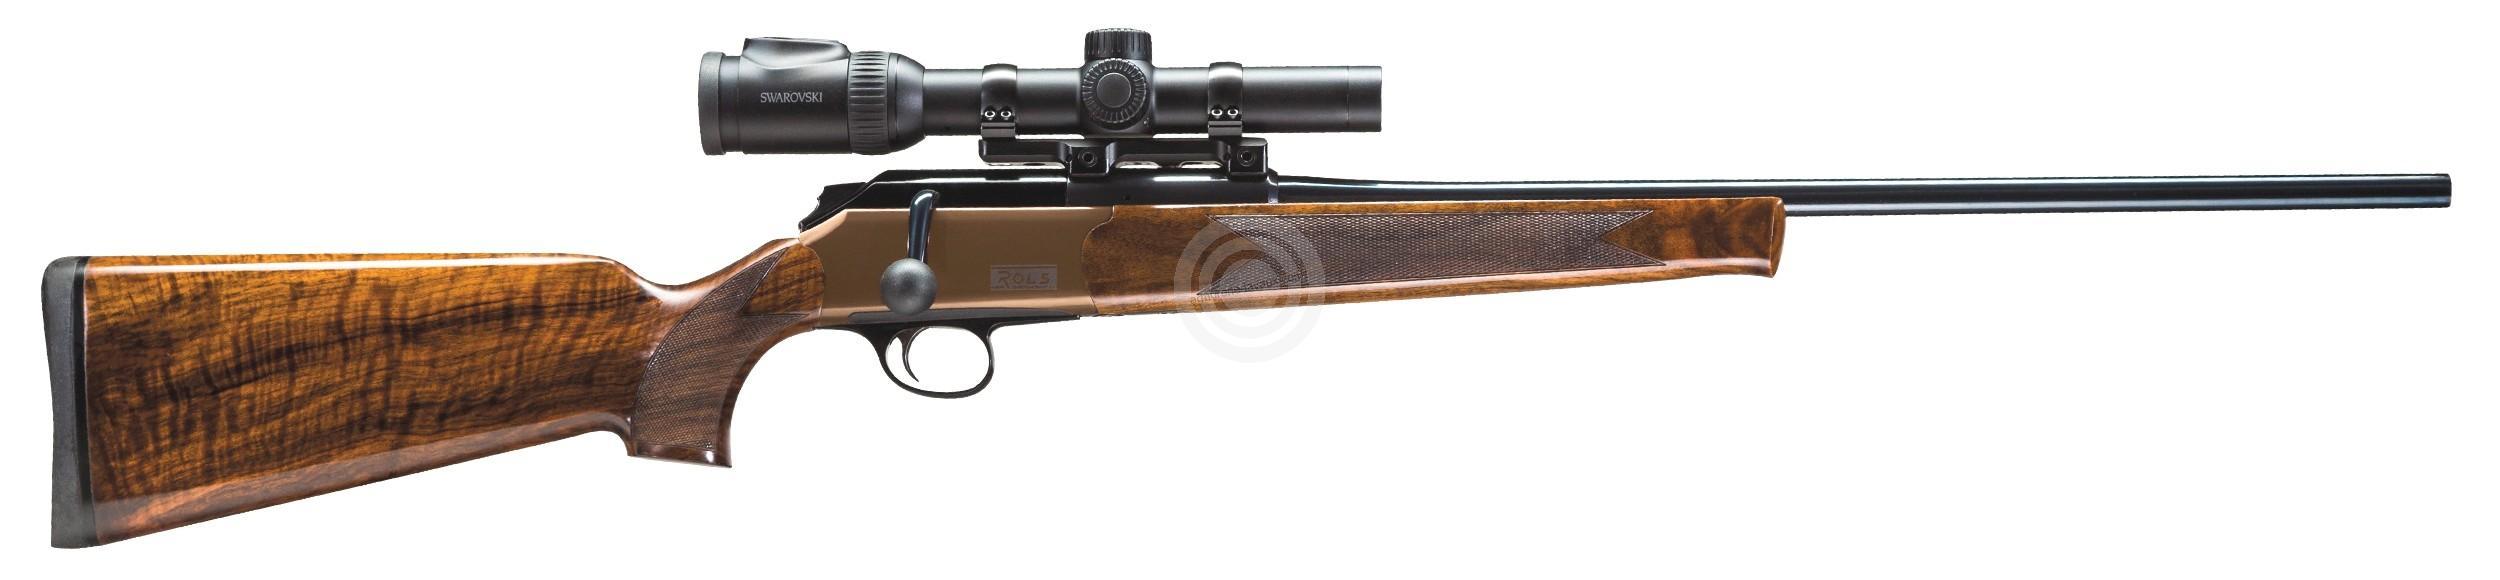 Carabine linéaire CHAPUIS ROLS cal.30-06 Sprg